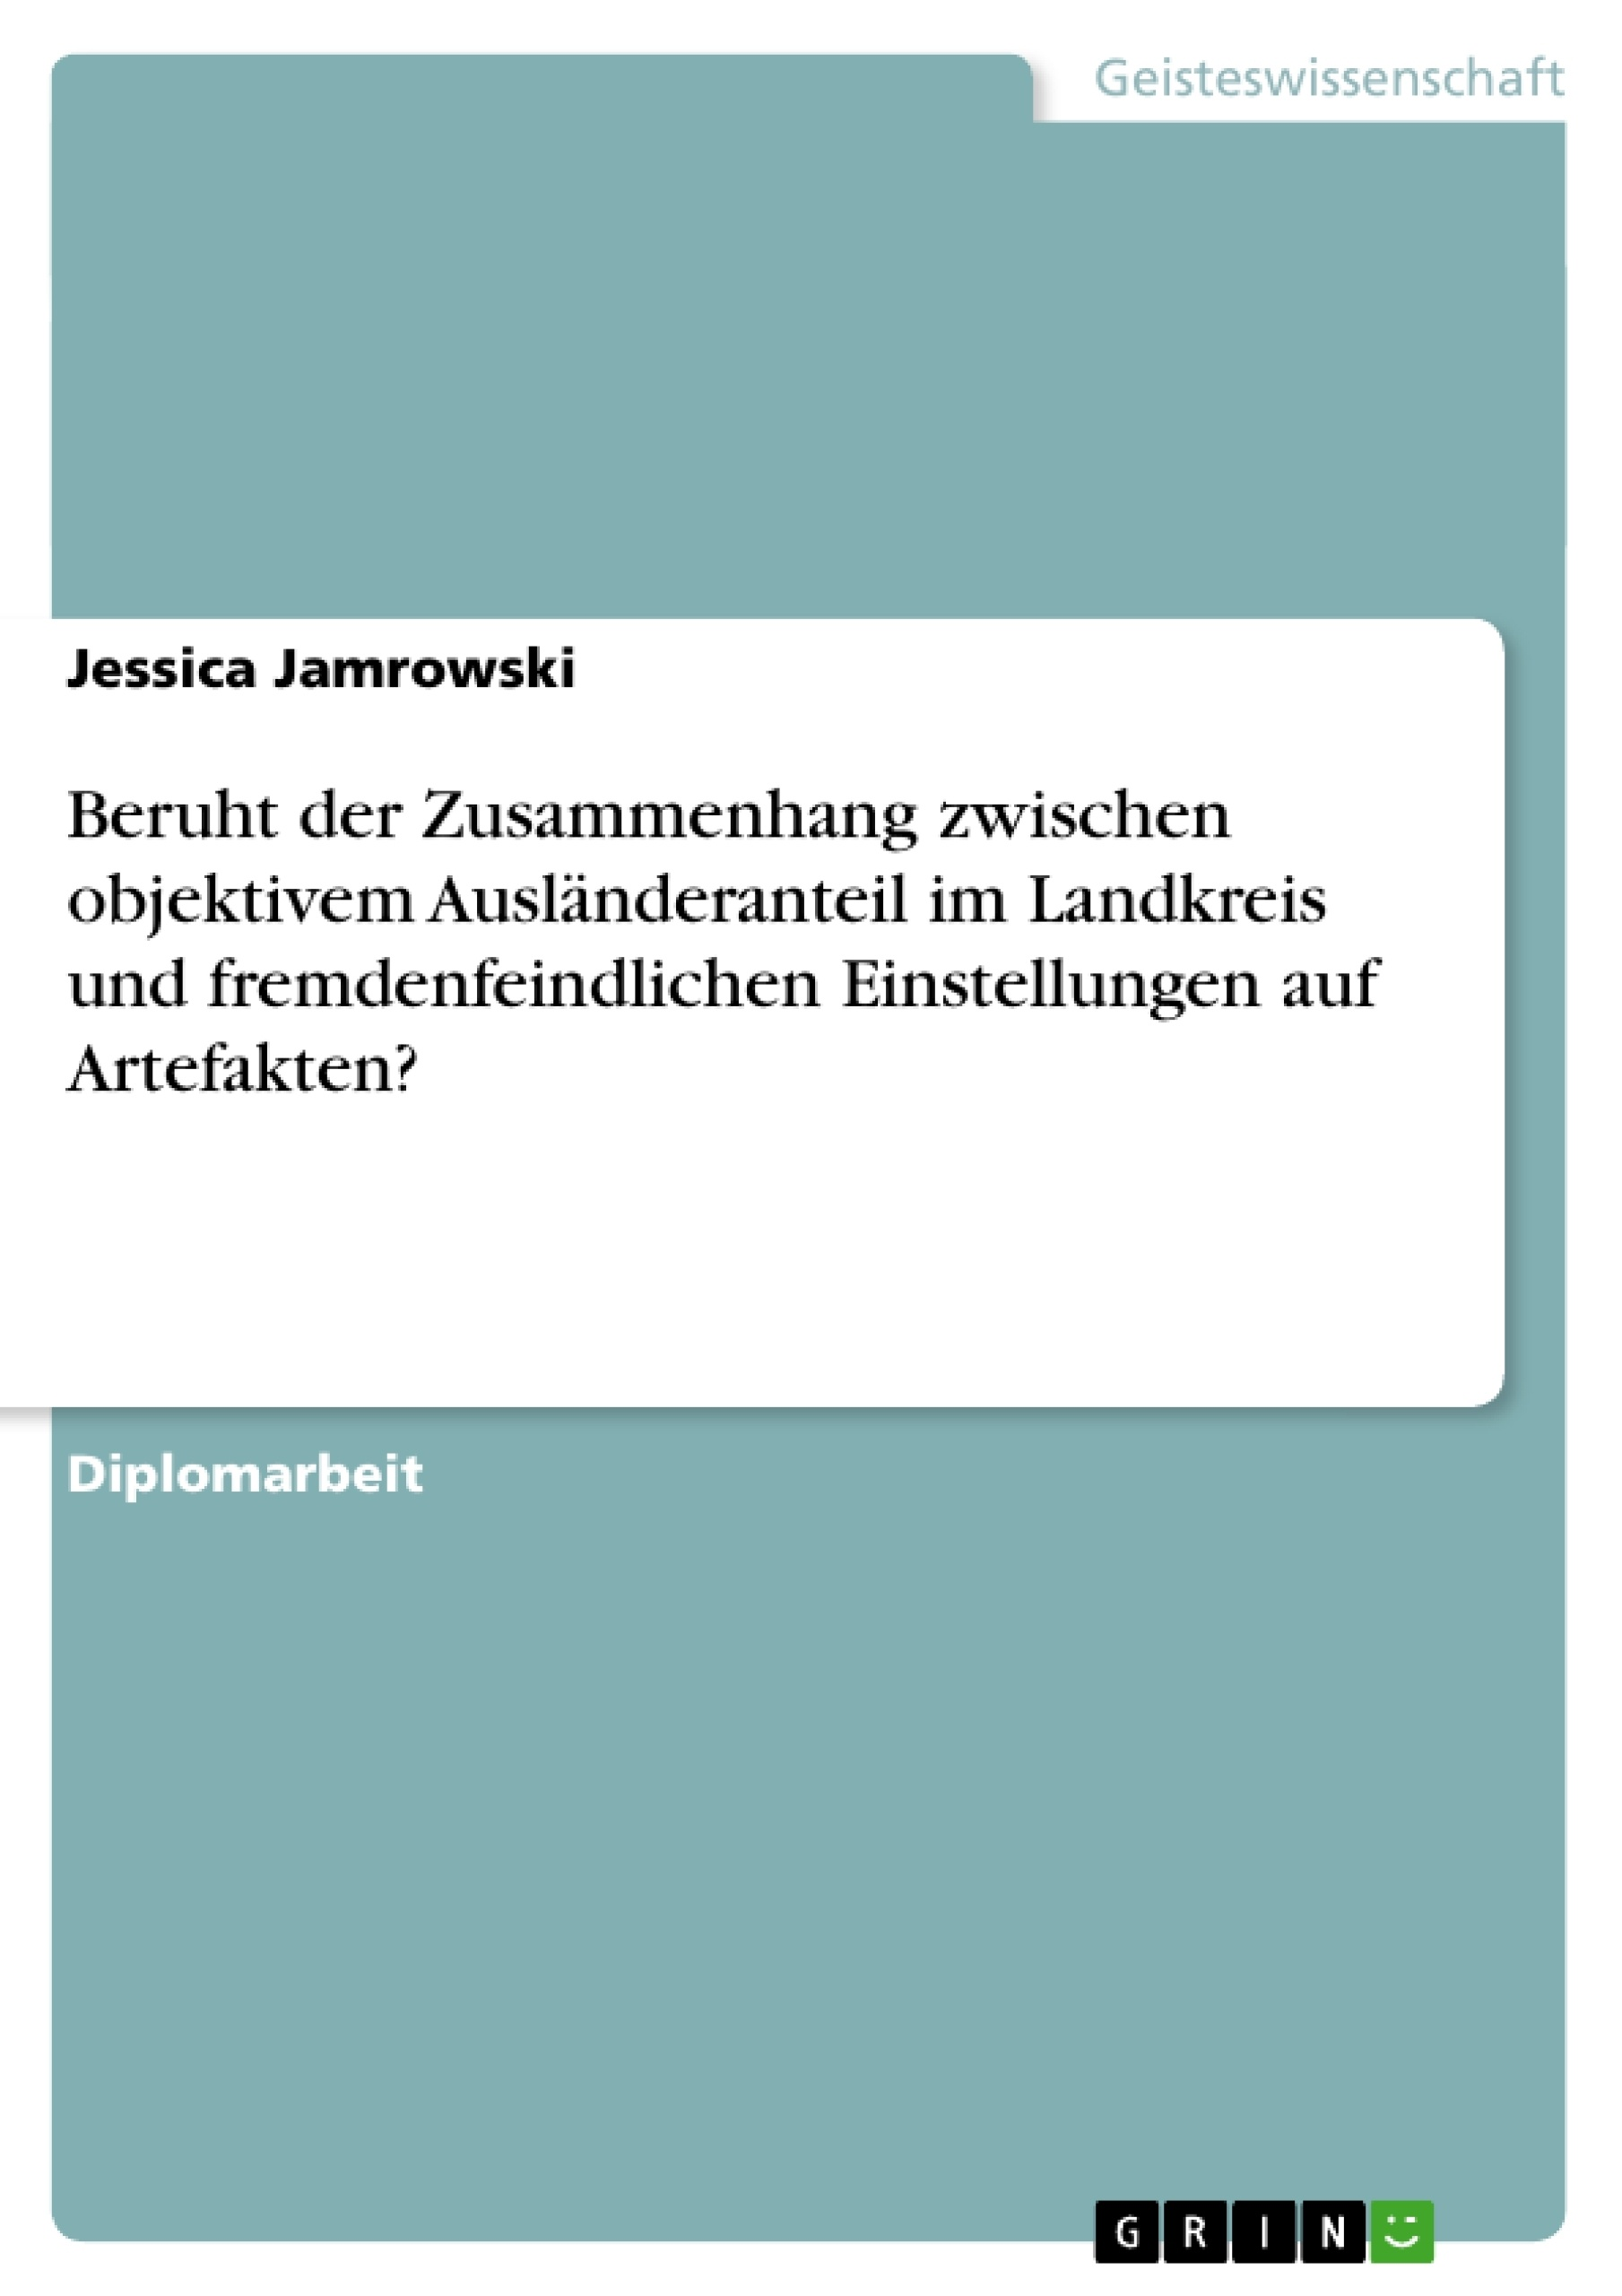 Titel: Beruht der Zusammenhang zwischen objektivem Ausländeranteil im Landkreis und fremdenfeindlichen Einstellungen auf Artefakten?